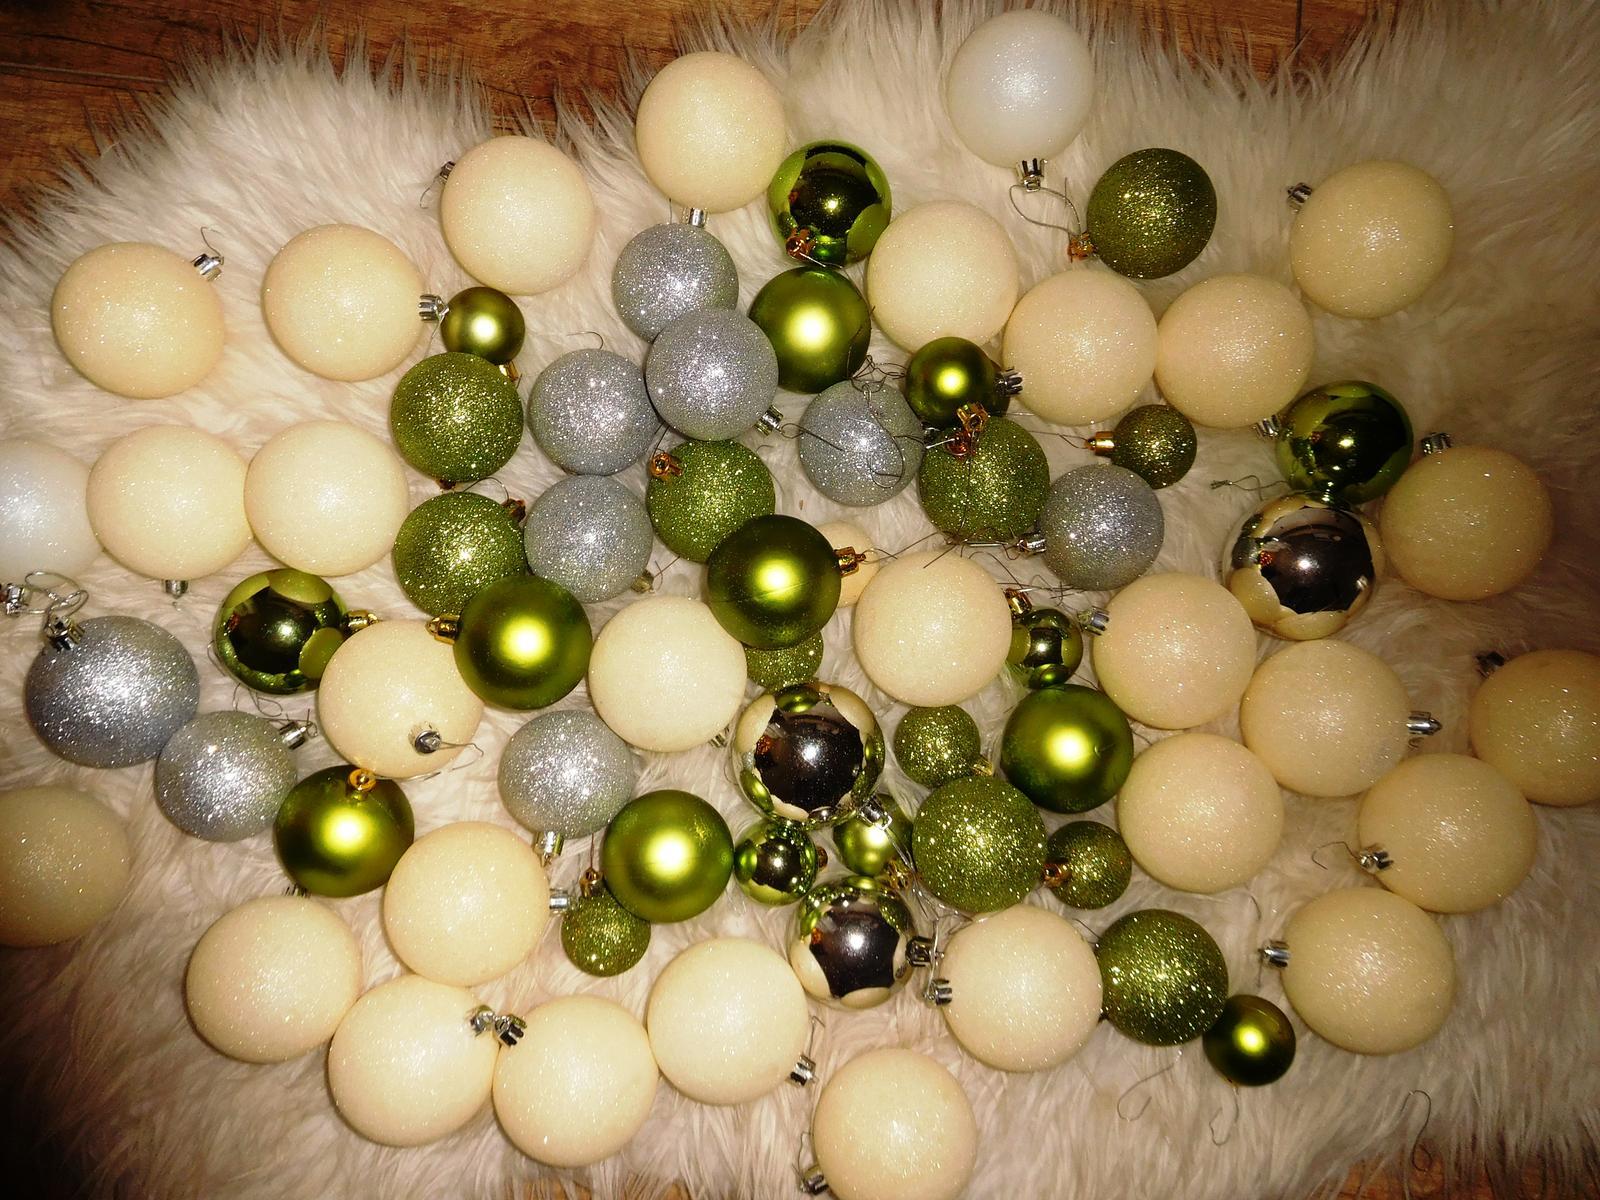 71 ks Vianočne gule biele,zelene,strieborne - Obrázok č. 1